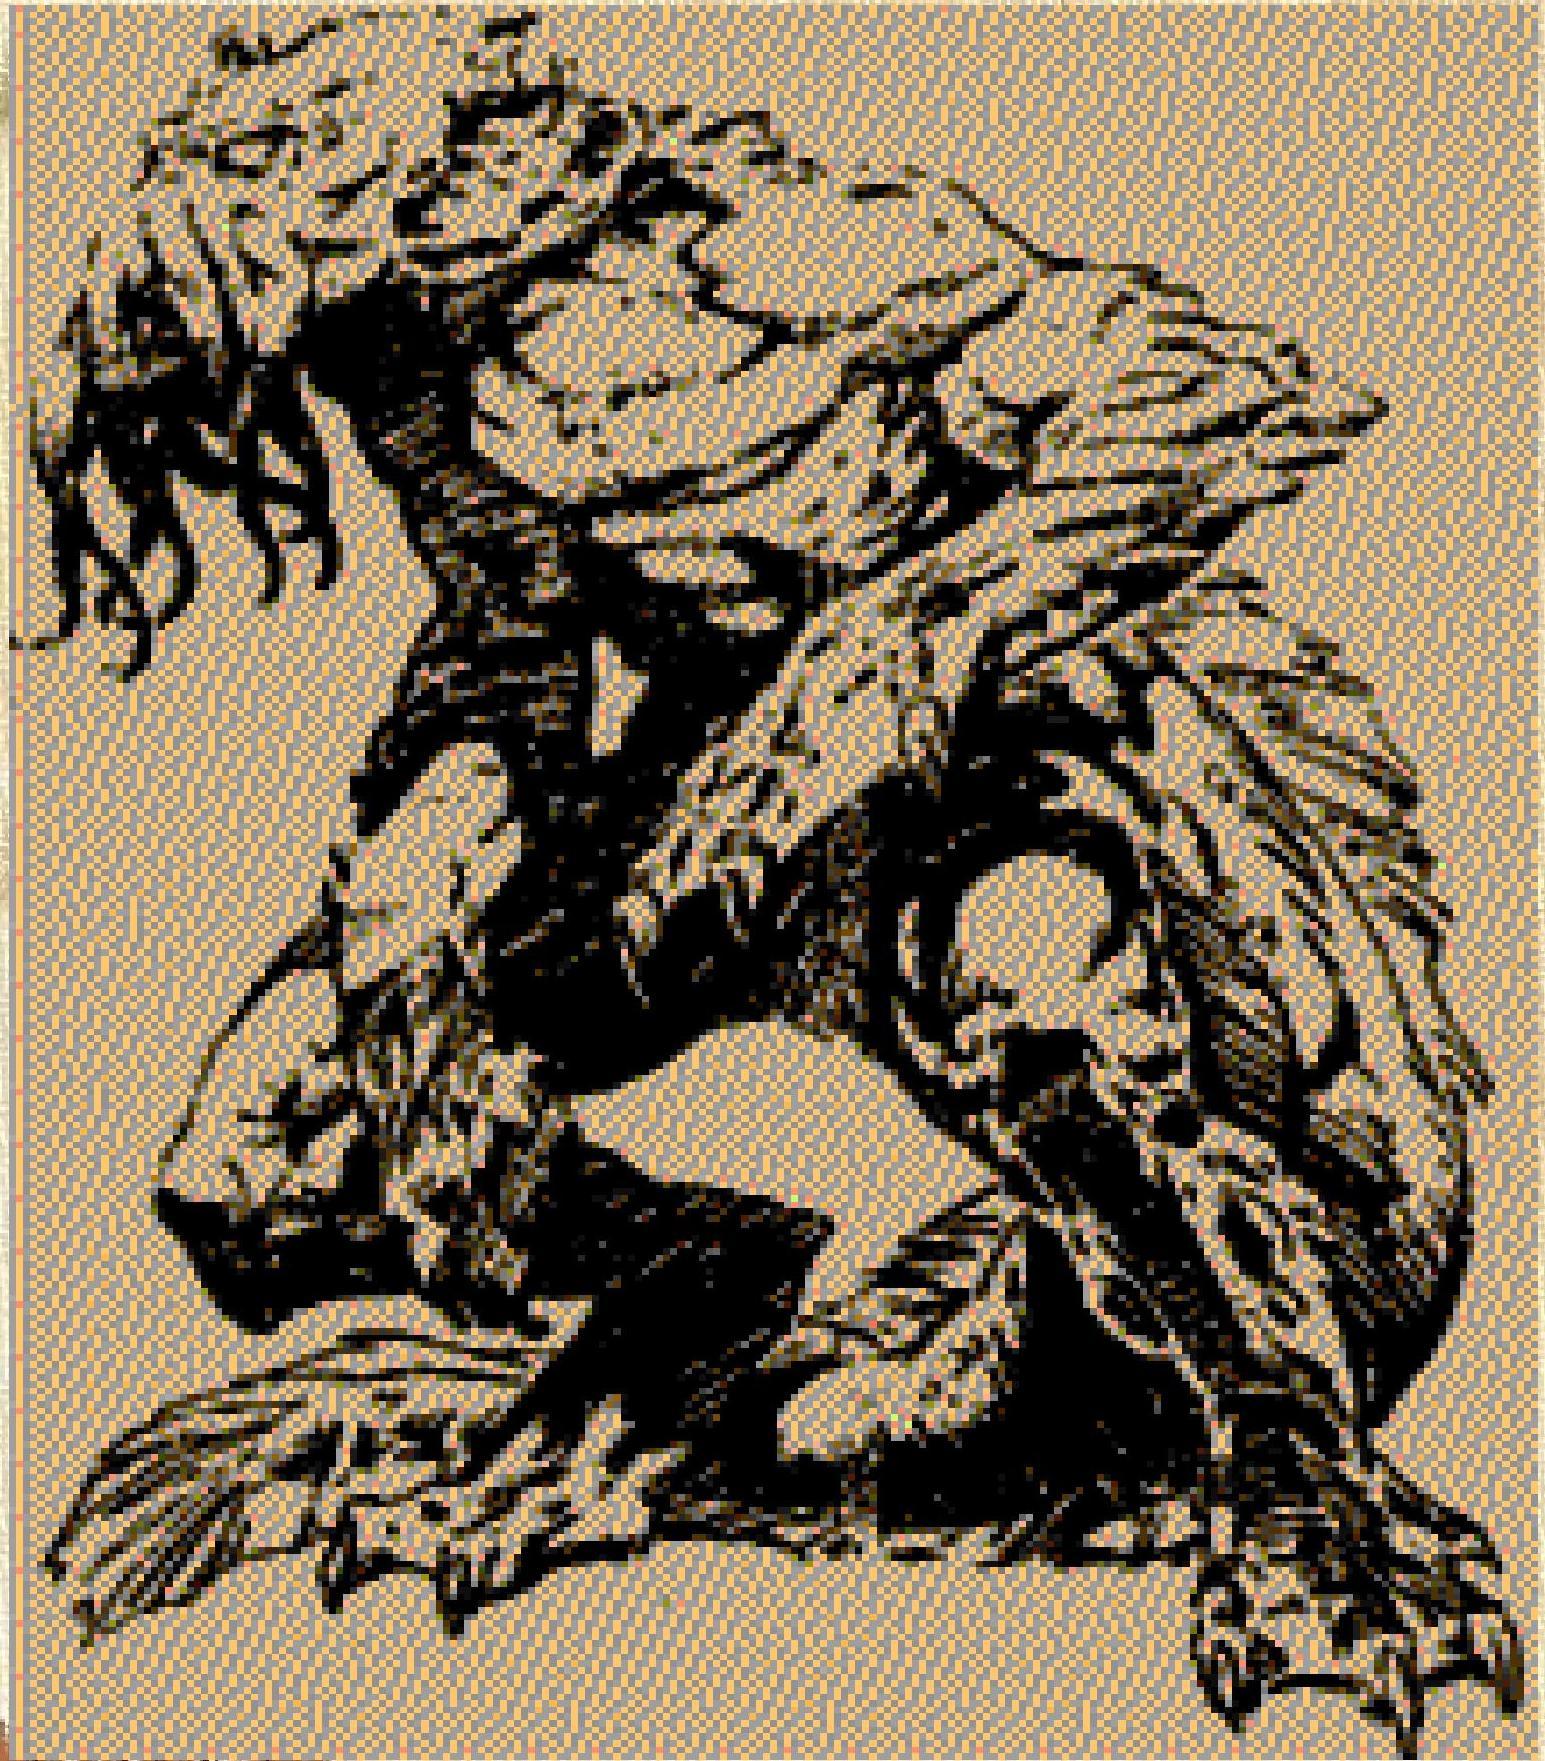 Dark spell page 002 creature